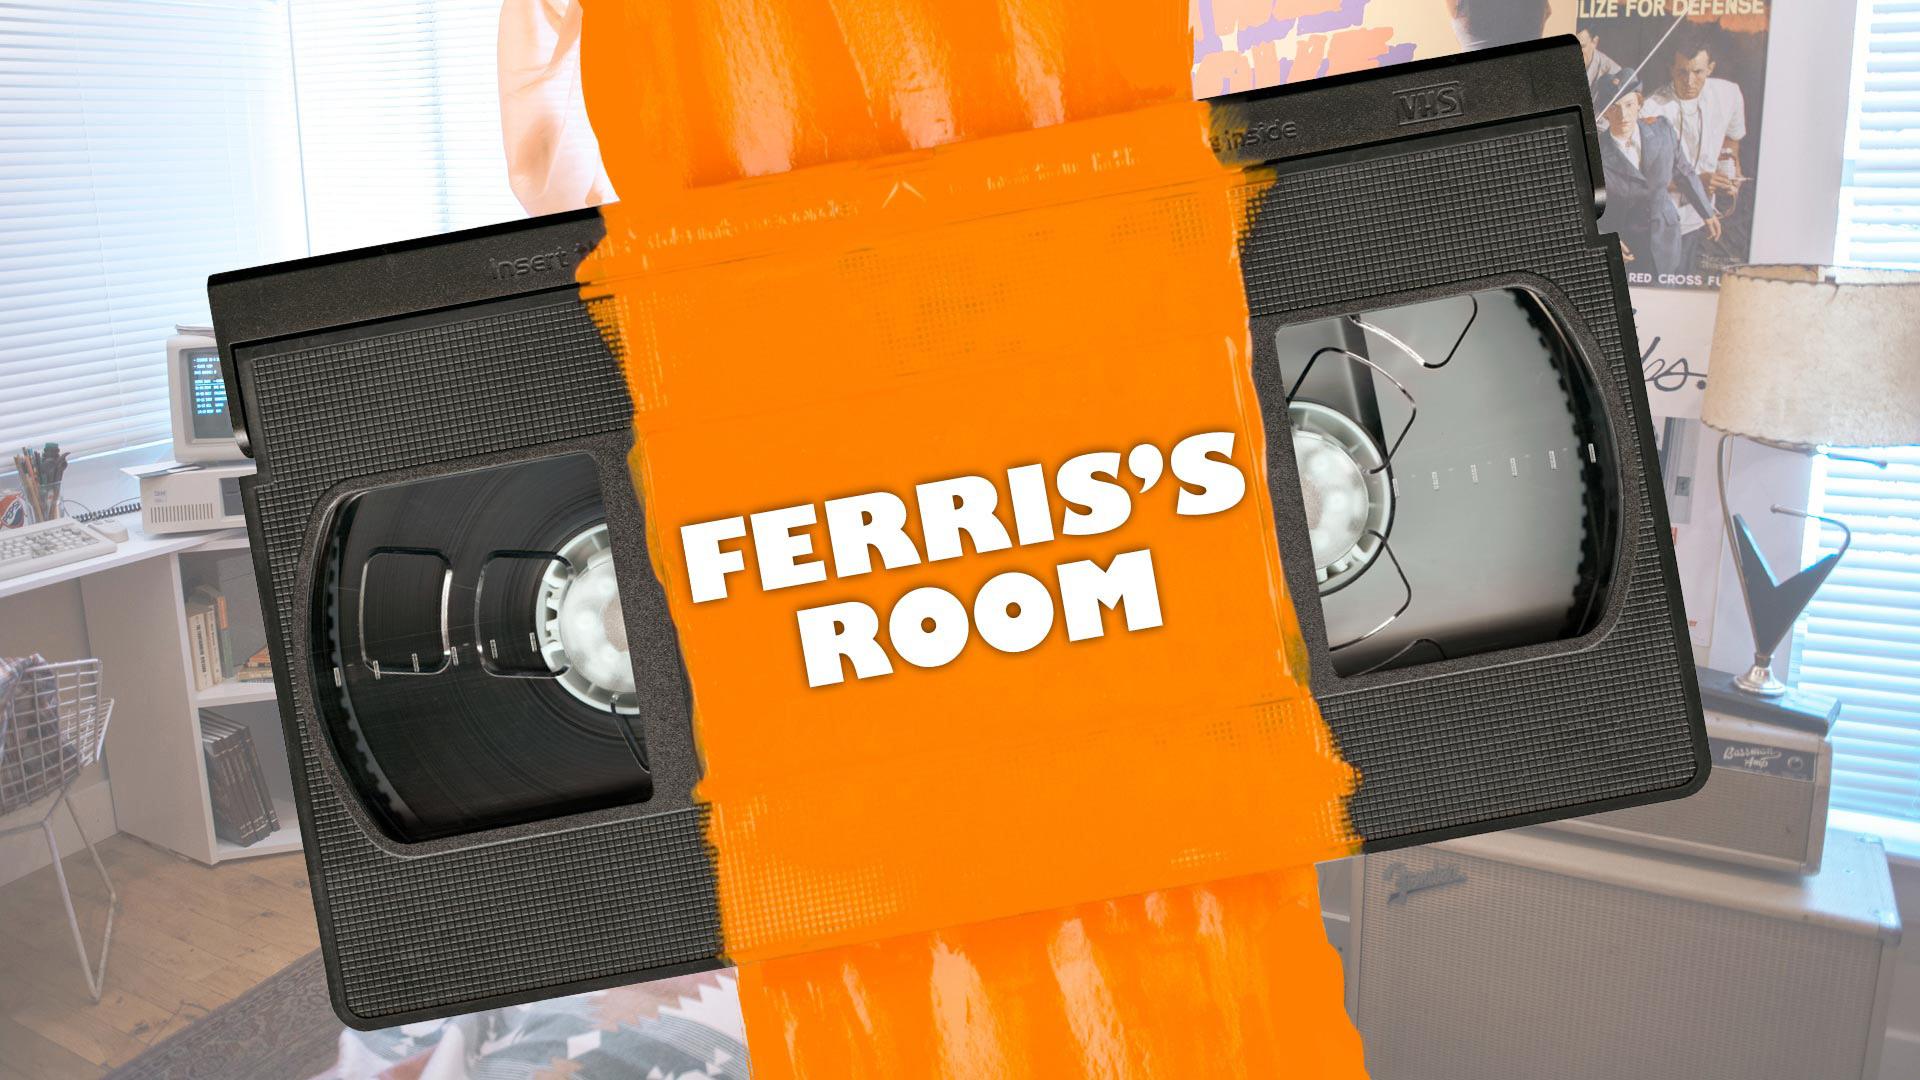 Ferris's Room